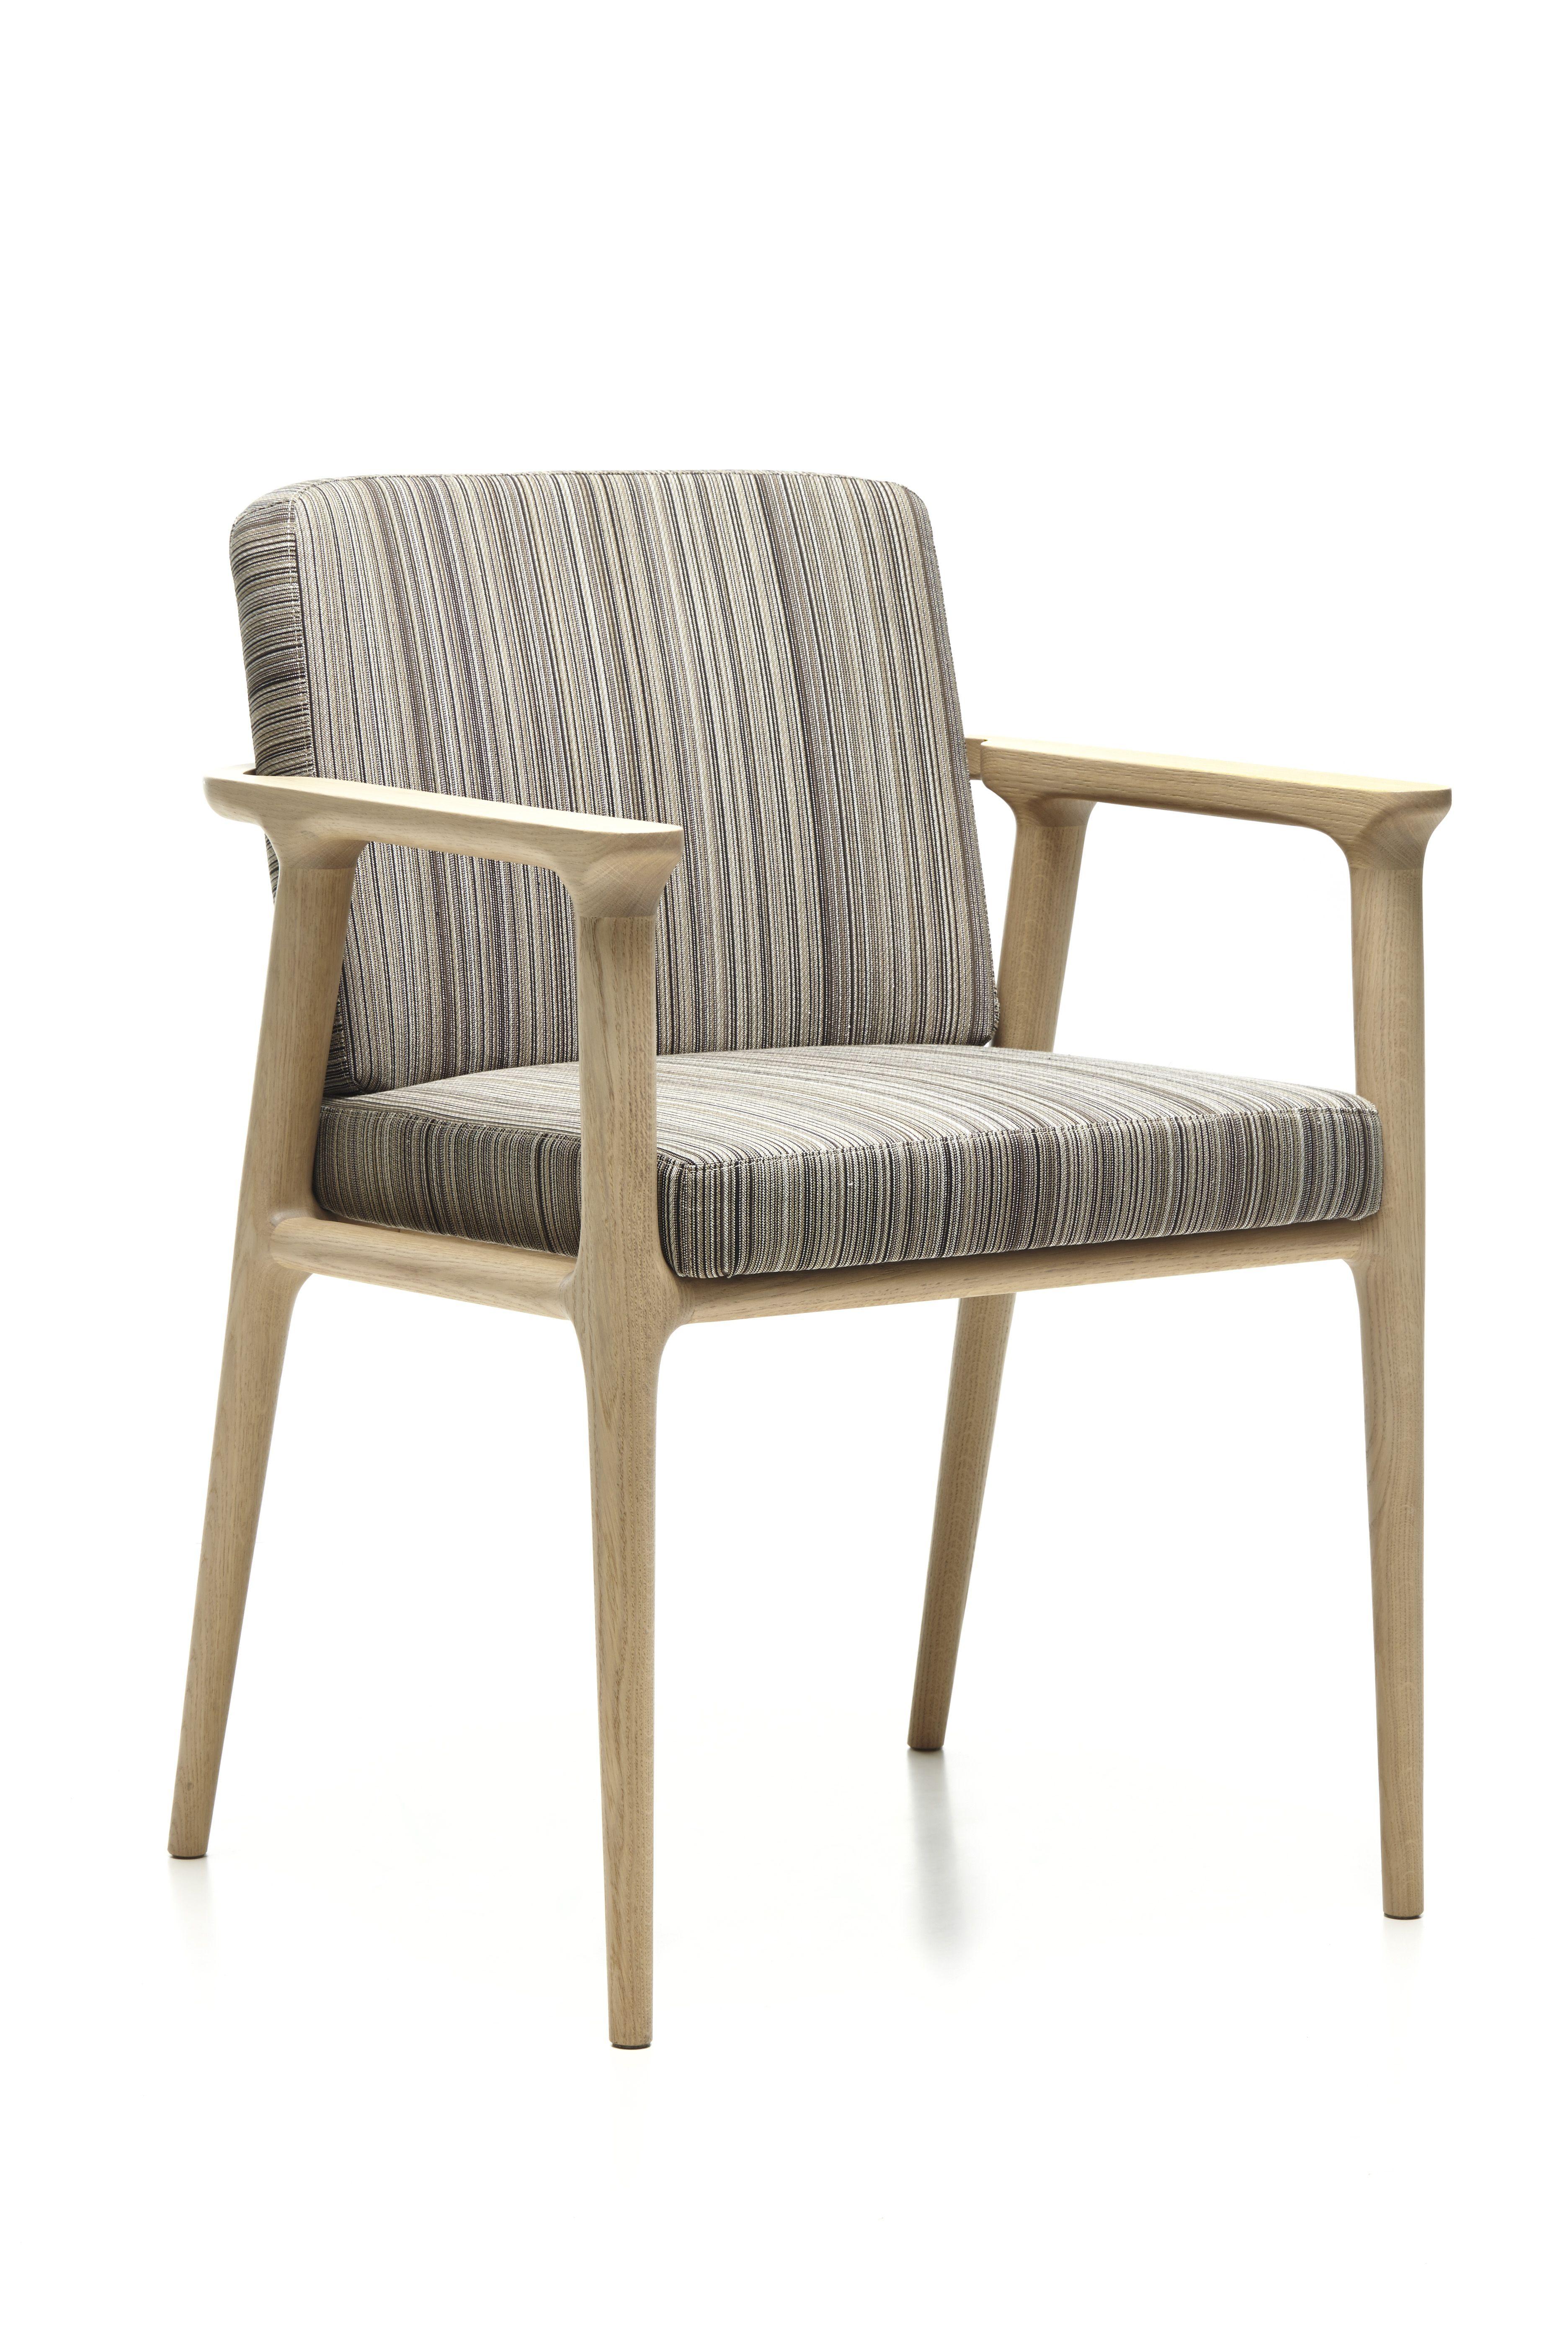 Классическая элегантность и современный комфорт: стул из семьи Zio - Zio Dining Chair. Дизайн Марселя Вандерса. Доступно несколько вариантов исполнения деревянного каркаса и великое множество материалов отделки!